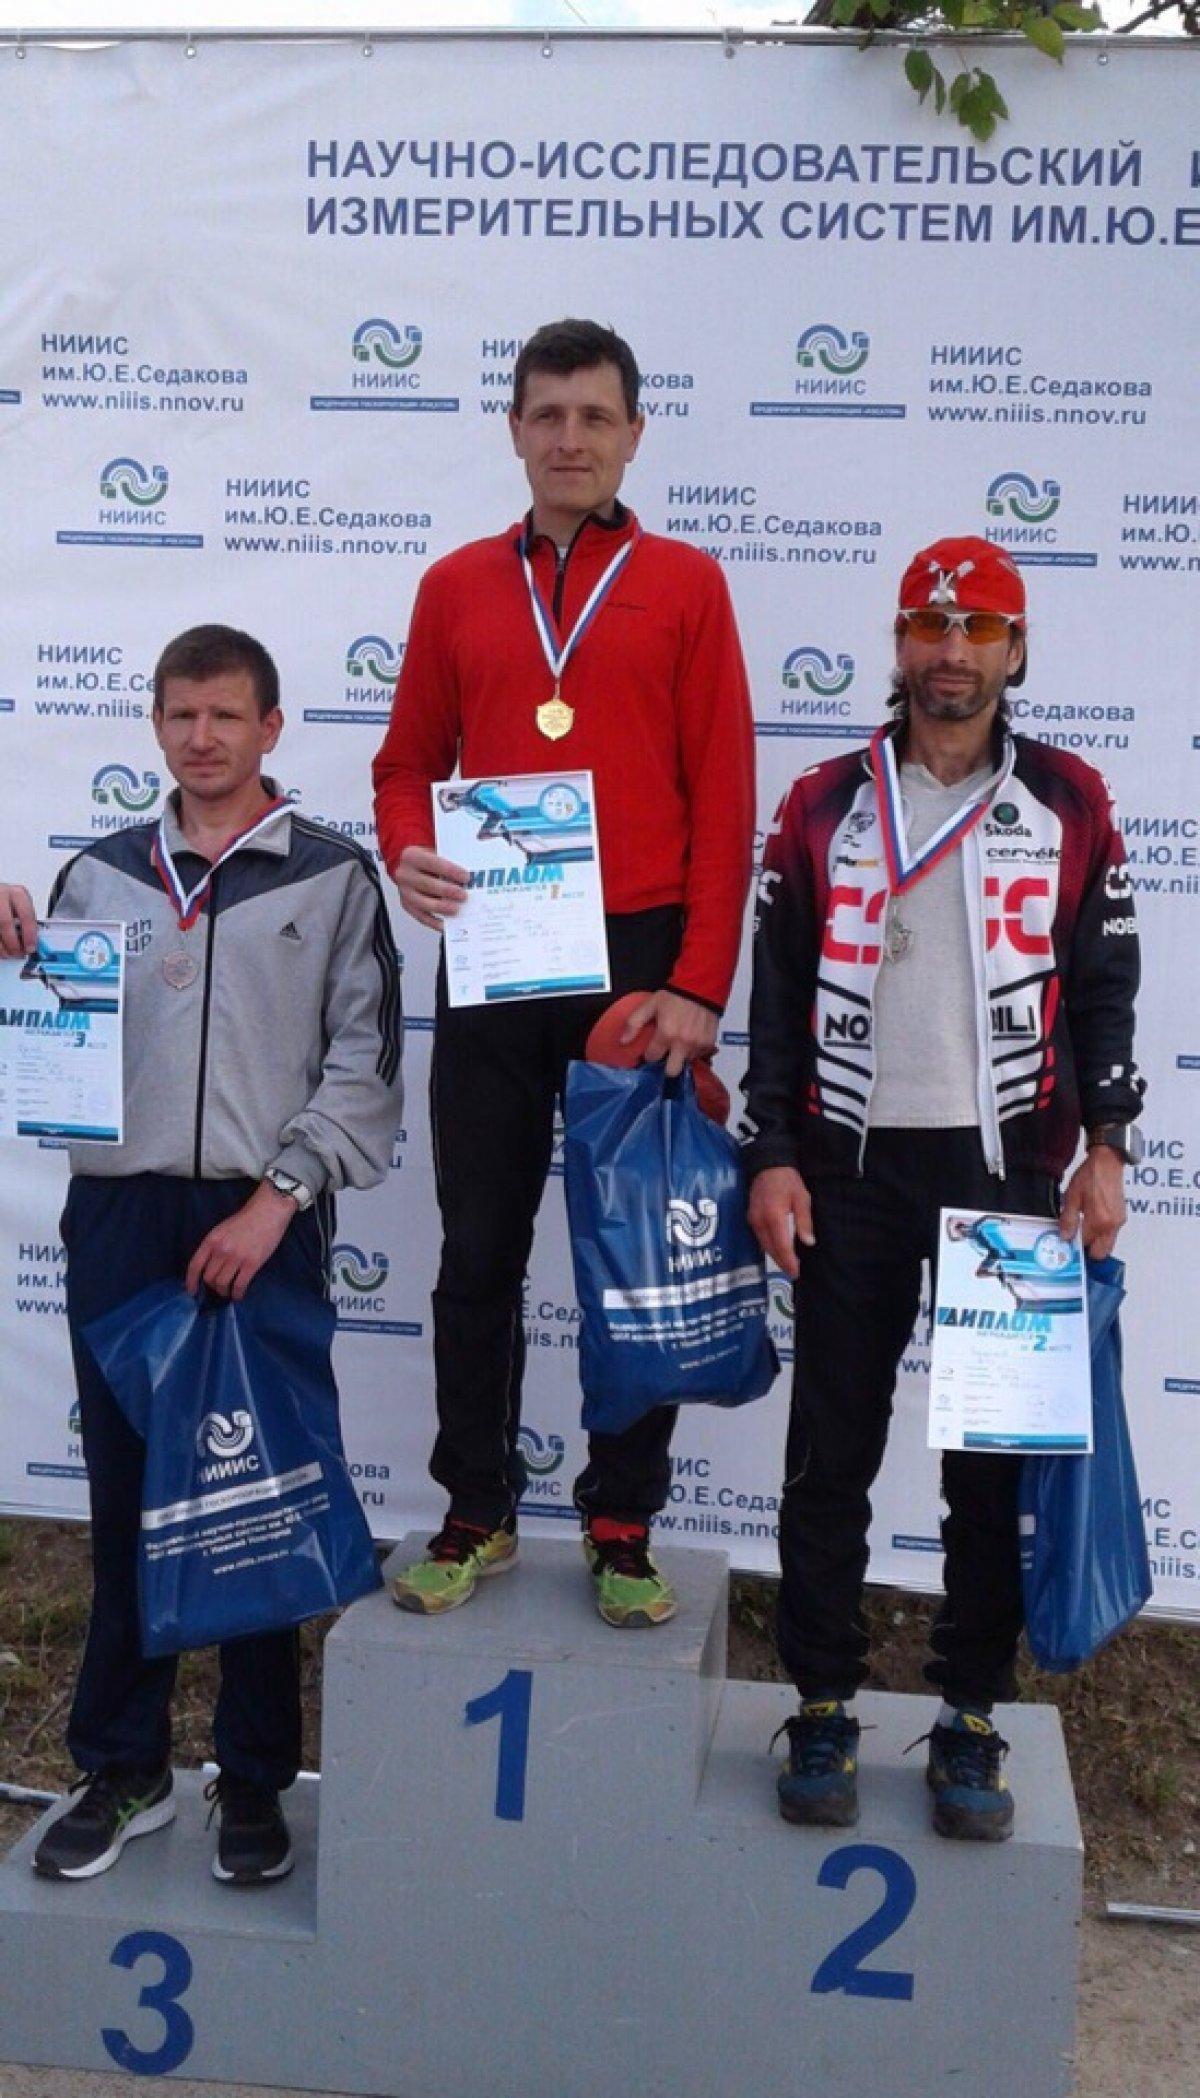 Спортсмены Дзержинского филиала РАНХиГС приняли участие в легкоатлетическом пробеге «Мемориал Ю.Е. Седакова»